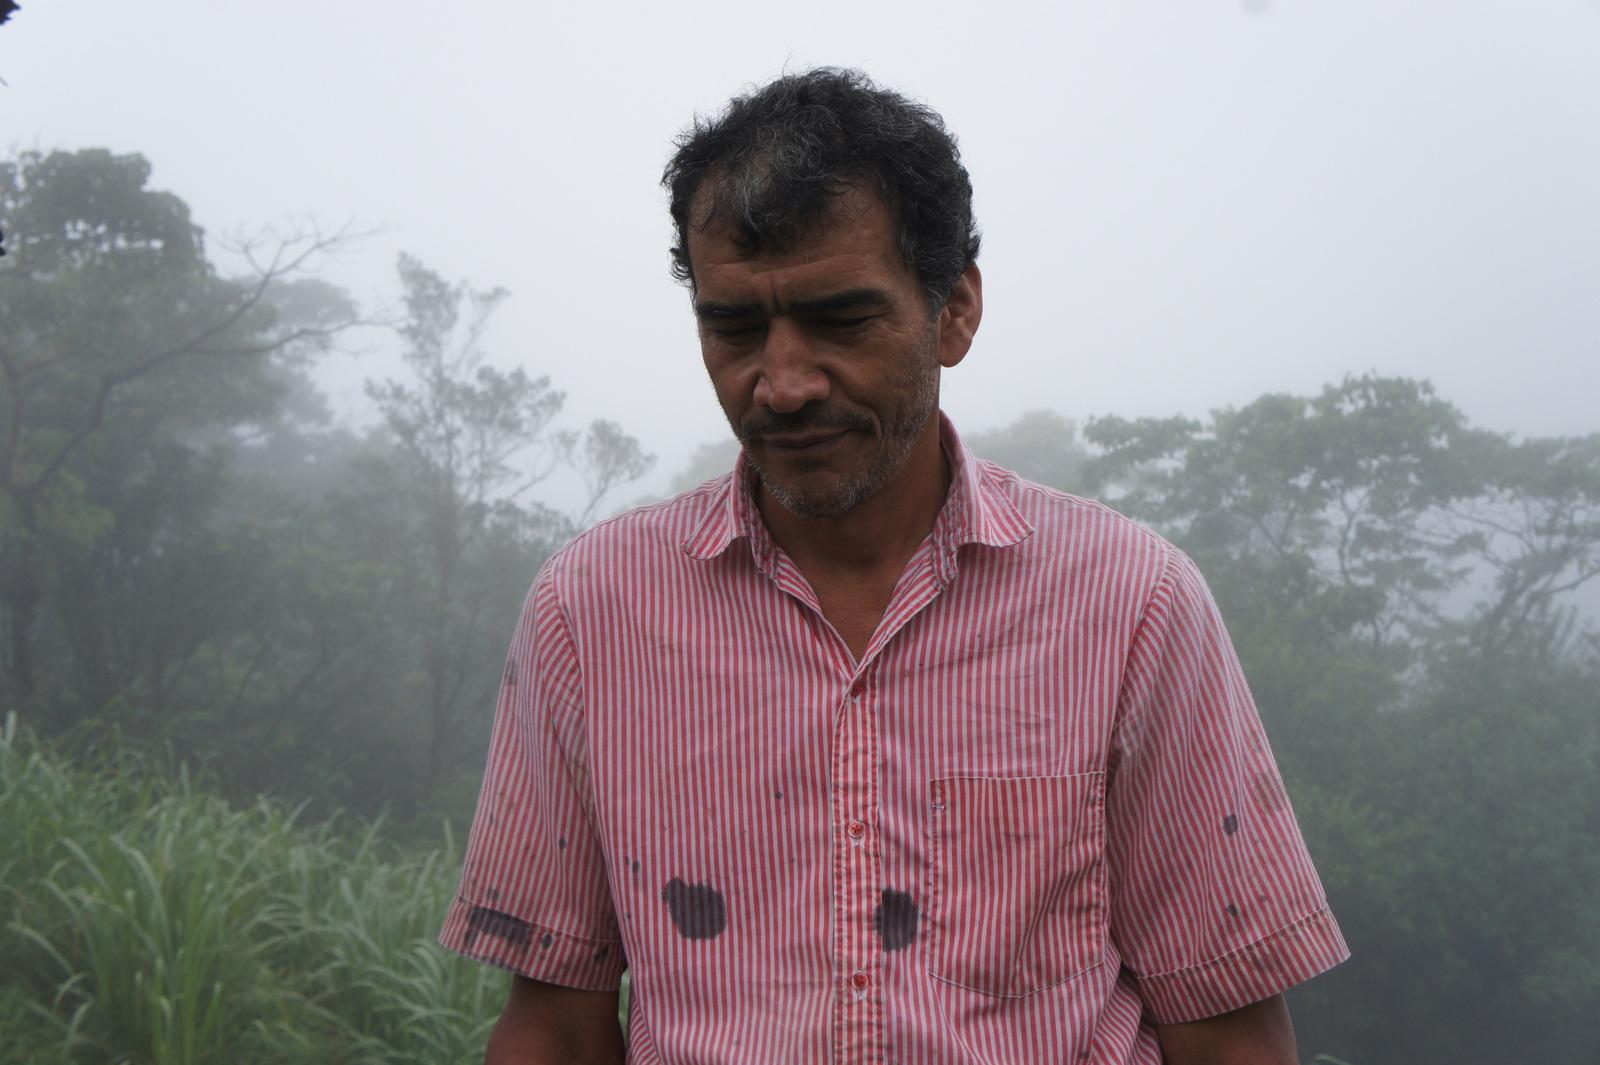 Eduardo Morera Arias